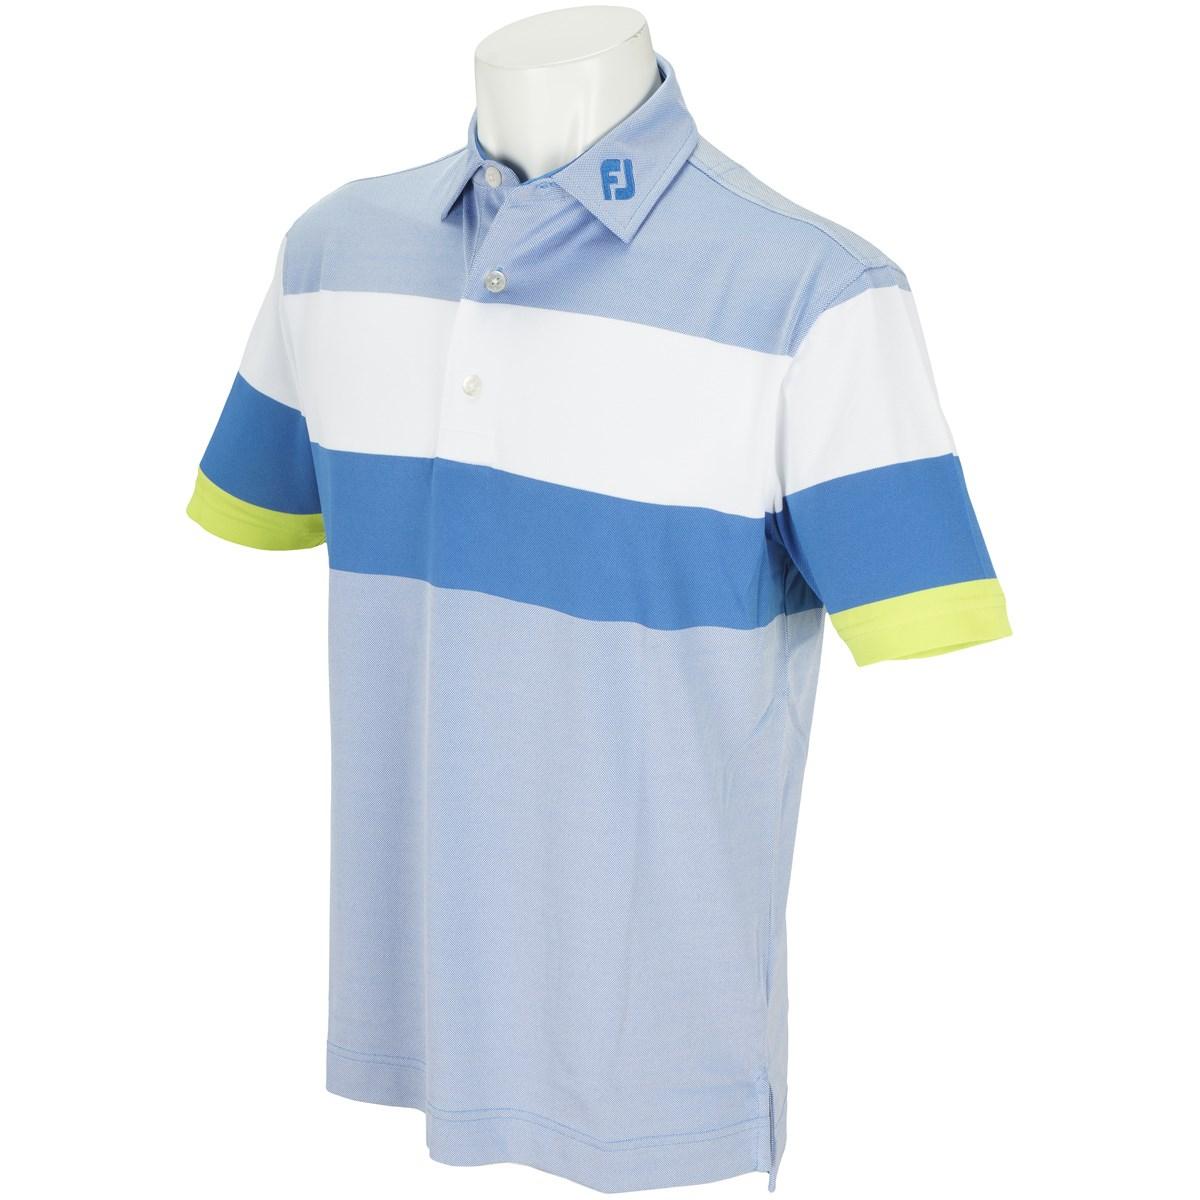 フットジョイ(FootJoy) エンジニアード バーズアイ ストレッチ鹿の子半袖ポロシャツ